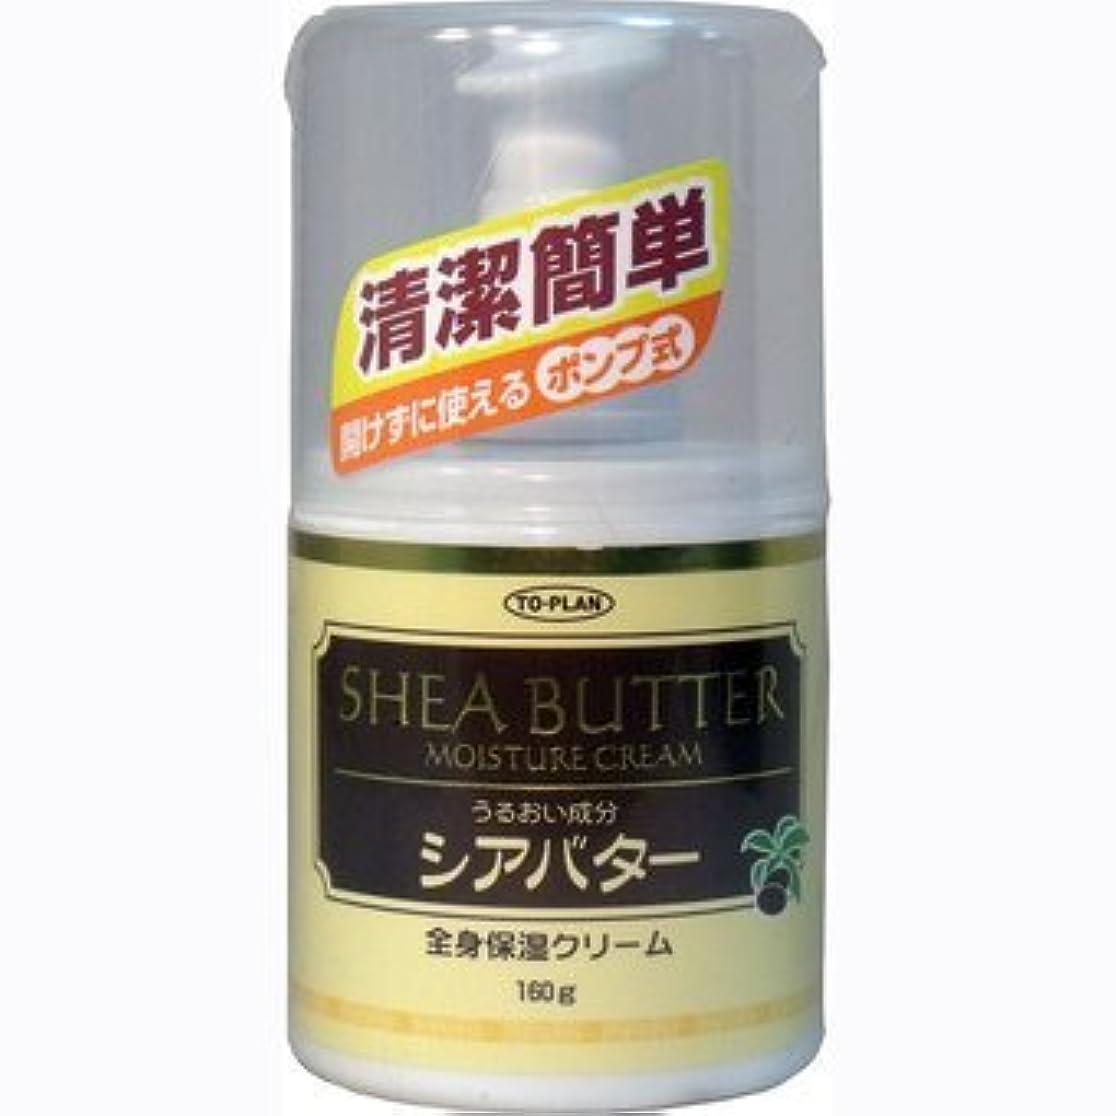 縫い目性交インフラトプランお肌の乾燥を防ぐ 全身保湿クリーム シアバター ポンプ式 160g×3個